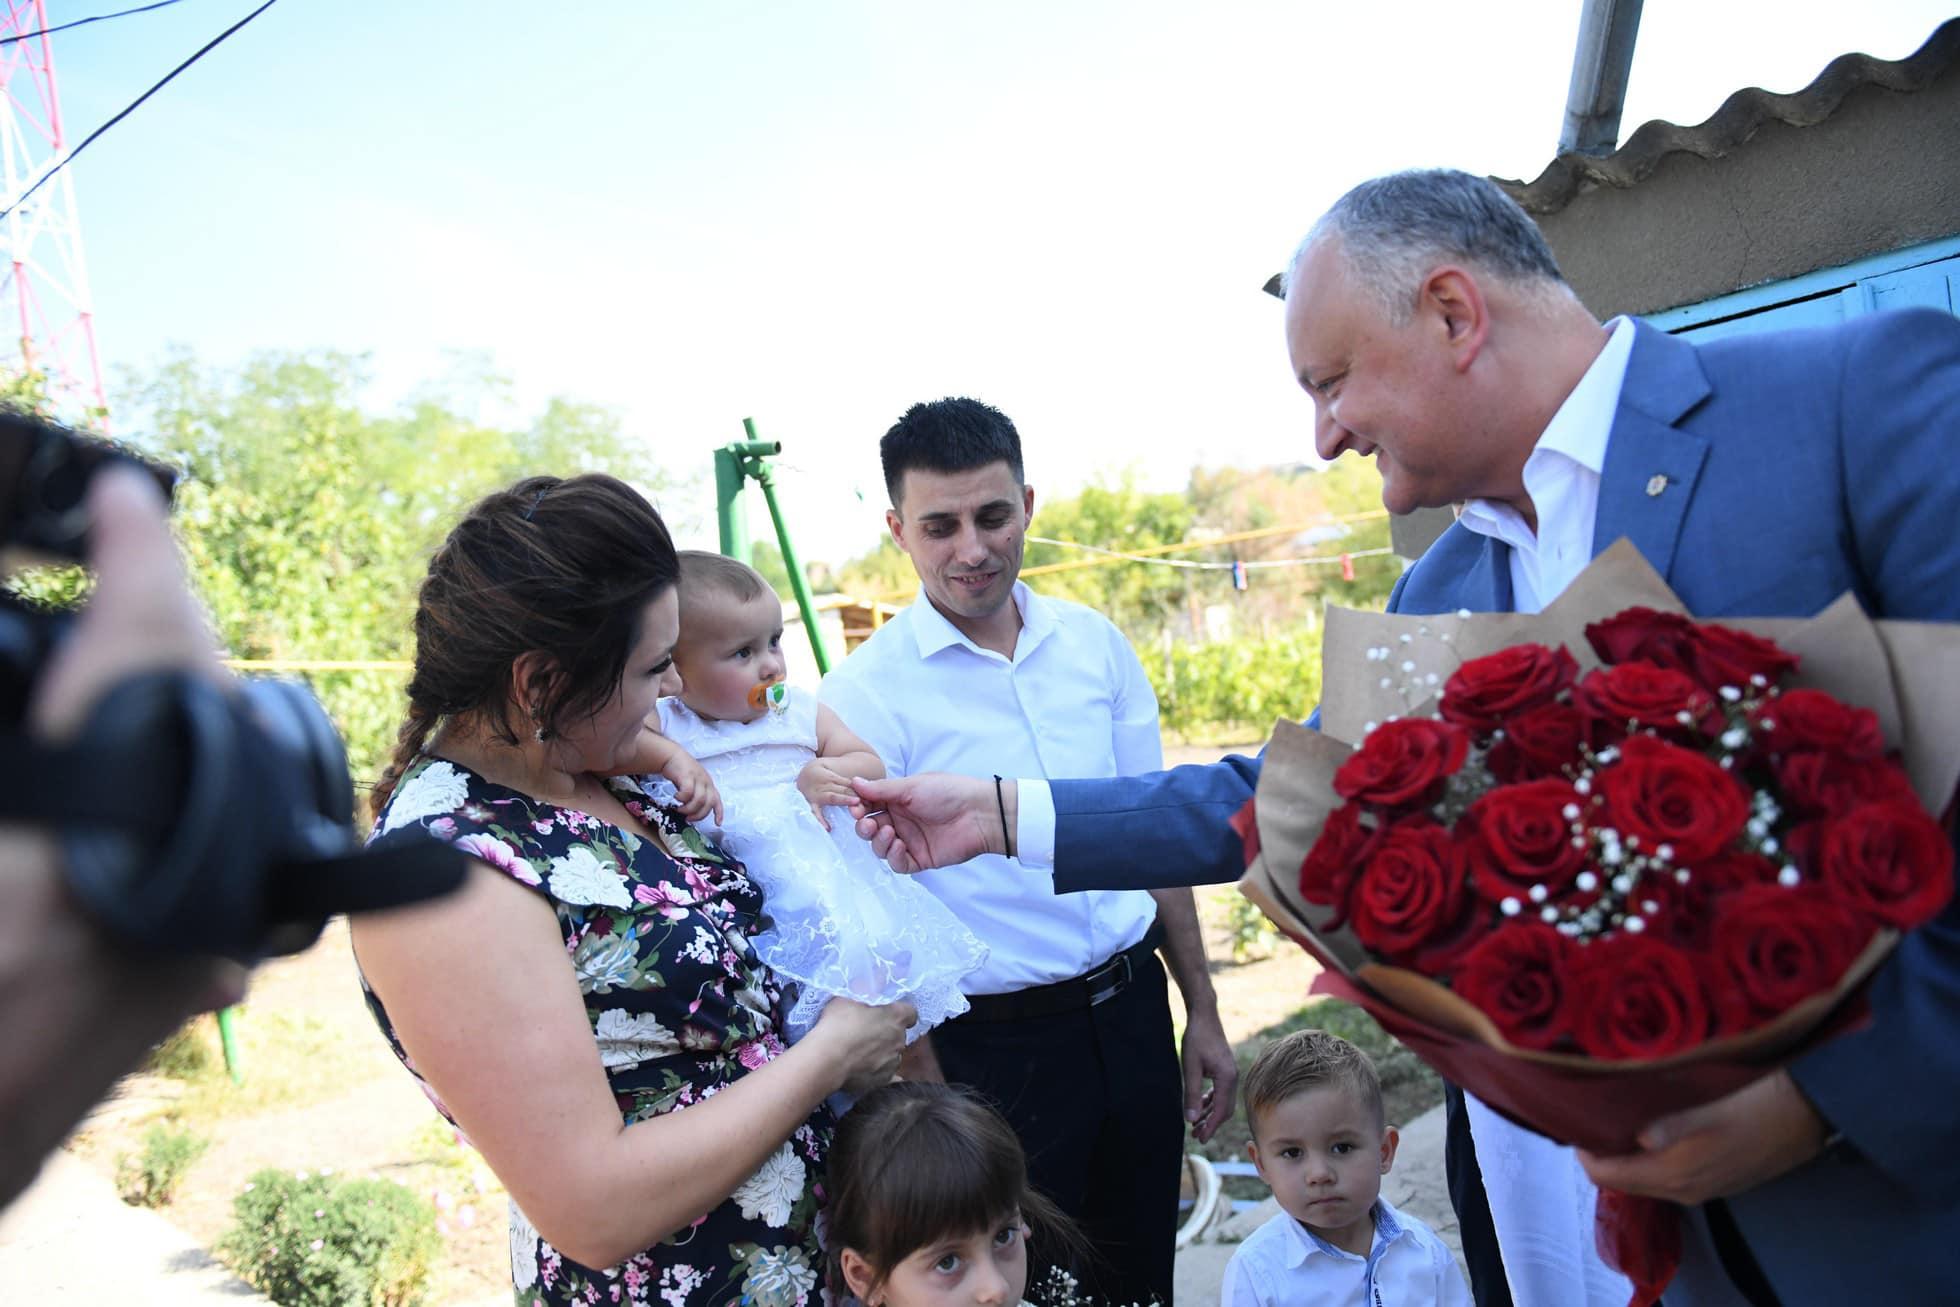 Игорь Додон – первый молдавский политик, который начал системно оказывать поддержку материнству и детям, – Односталко